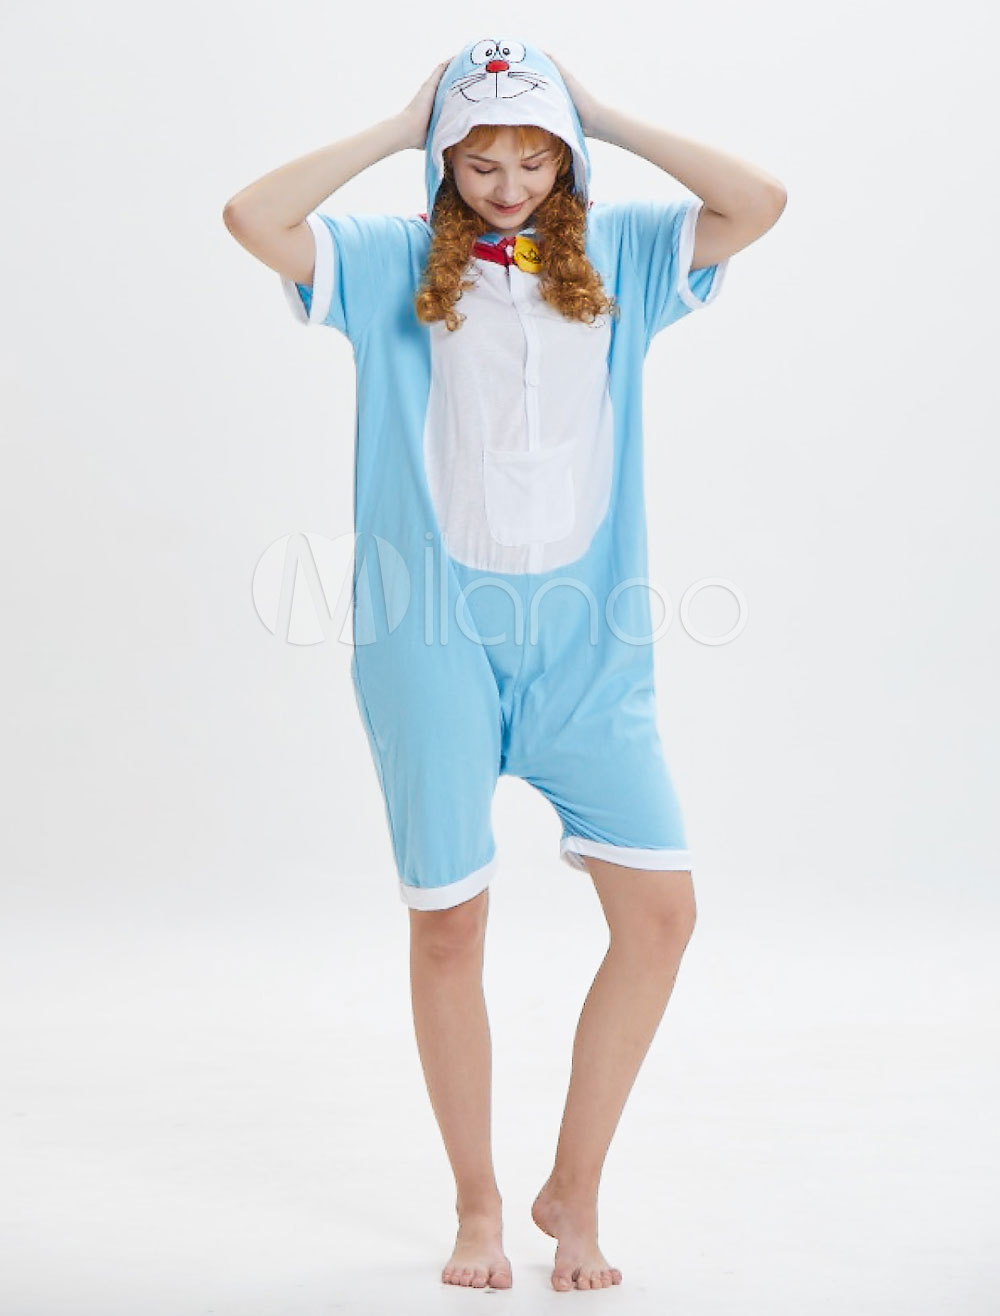 0fc9fa0a4dd Doraemon Onesie Kigurumi Pajamas Adult Blue Short Jumpsuits Unisex Hooded  Animal Sleepwear Halloween